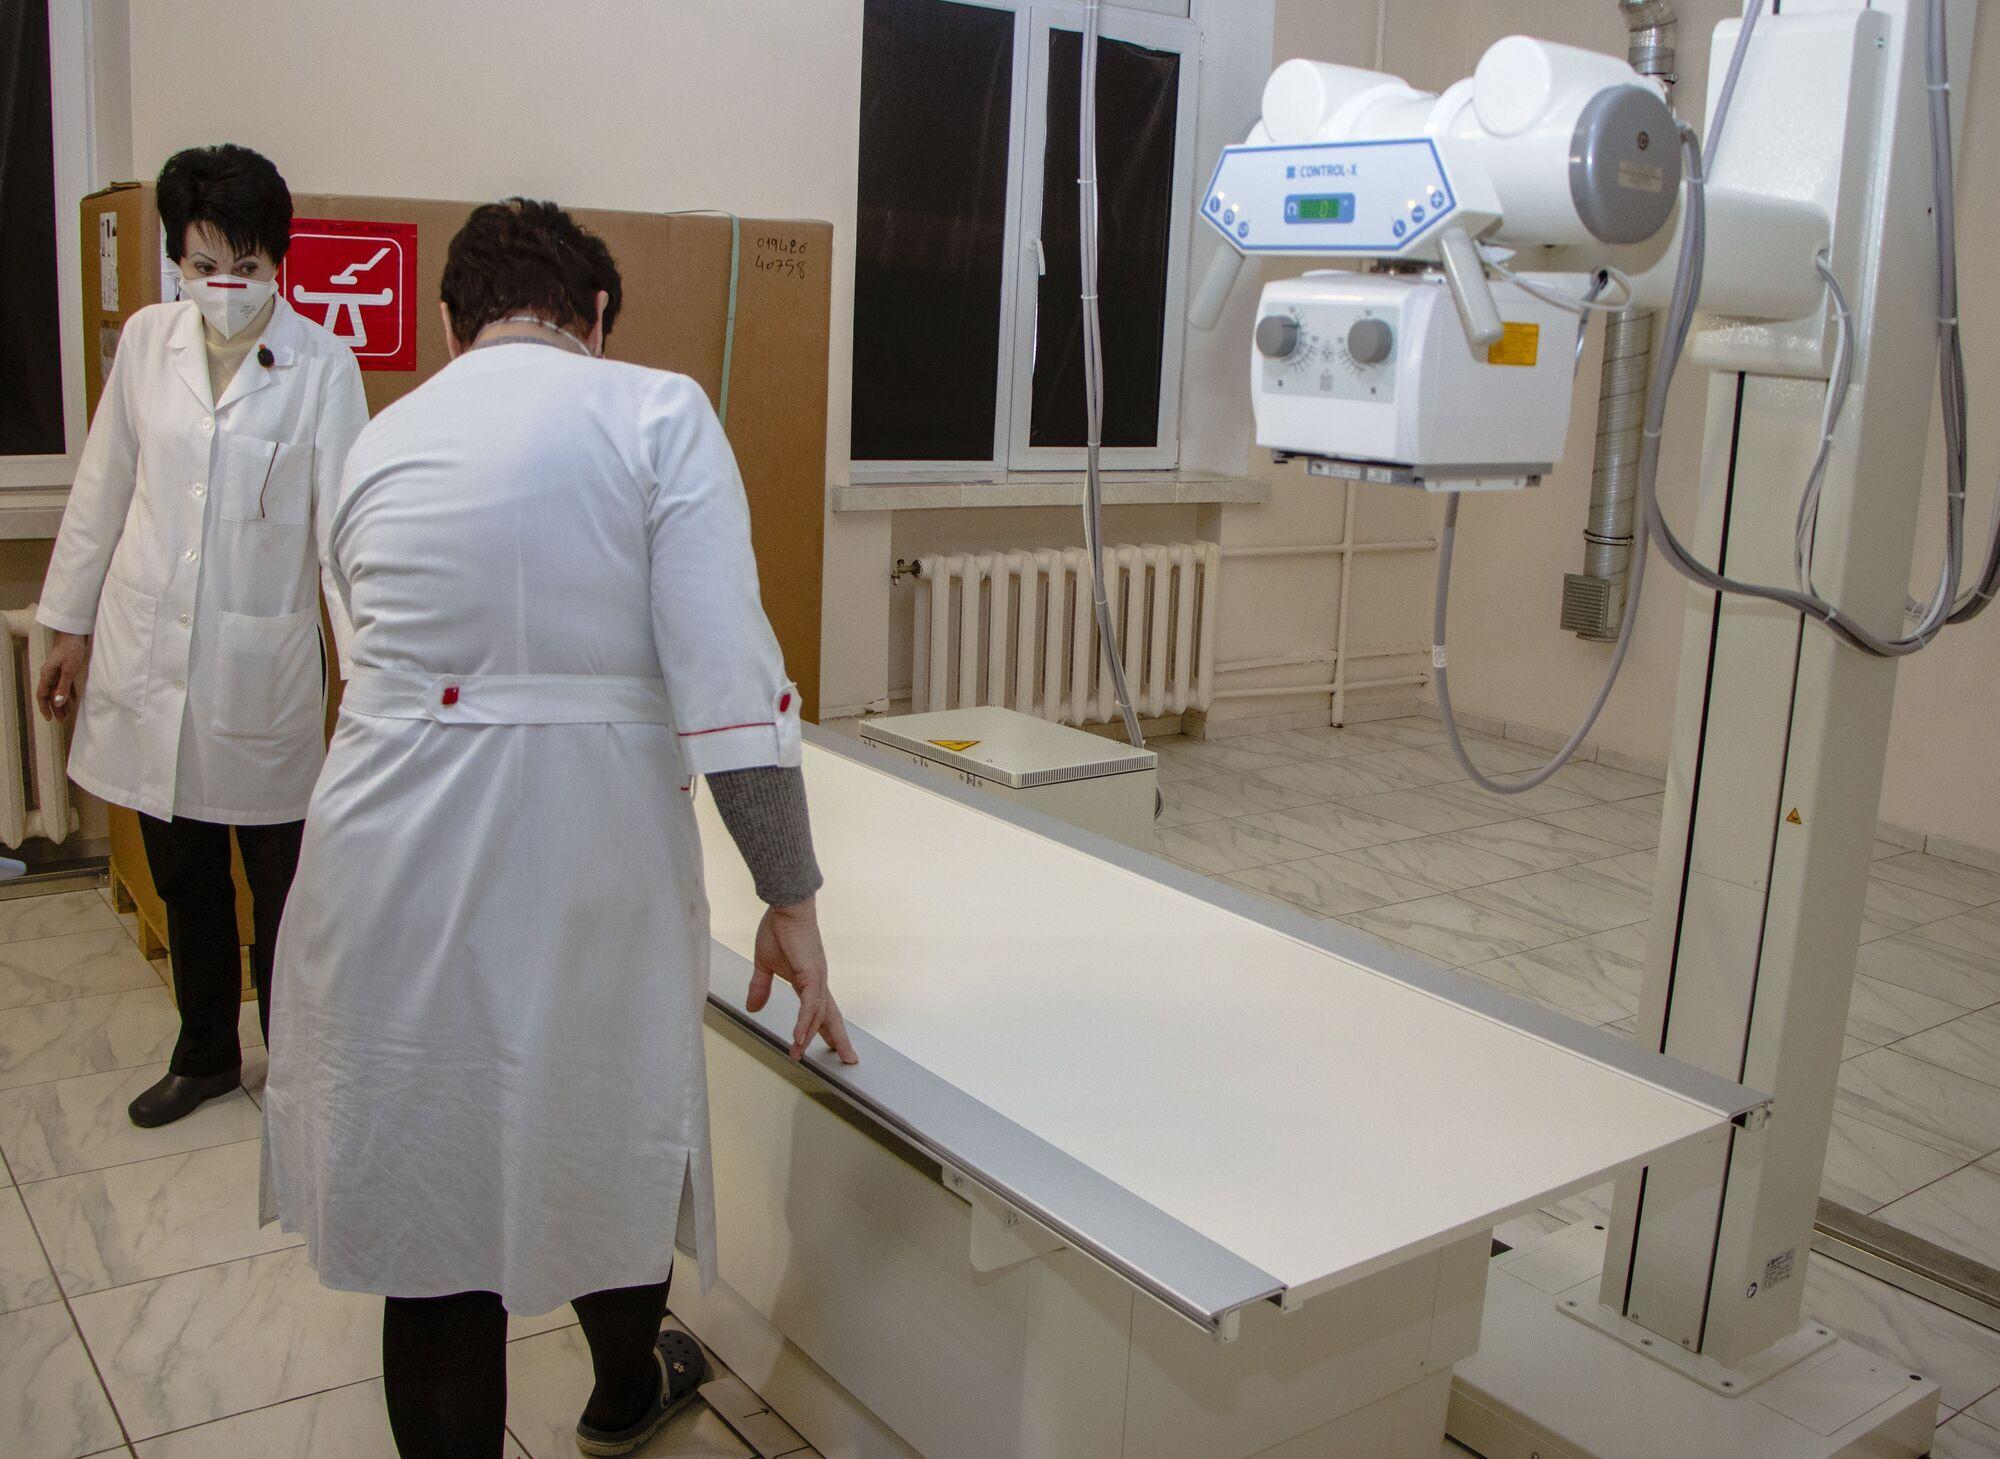 Ремонт заканчивается в операционных блоках хирургического отделения